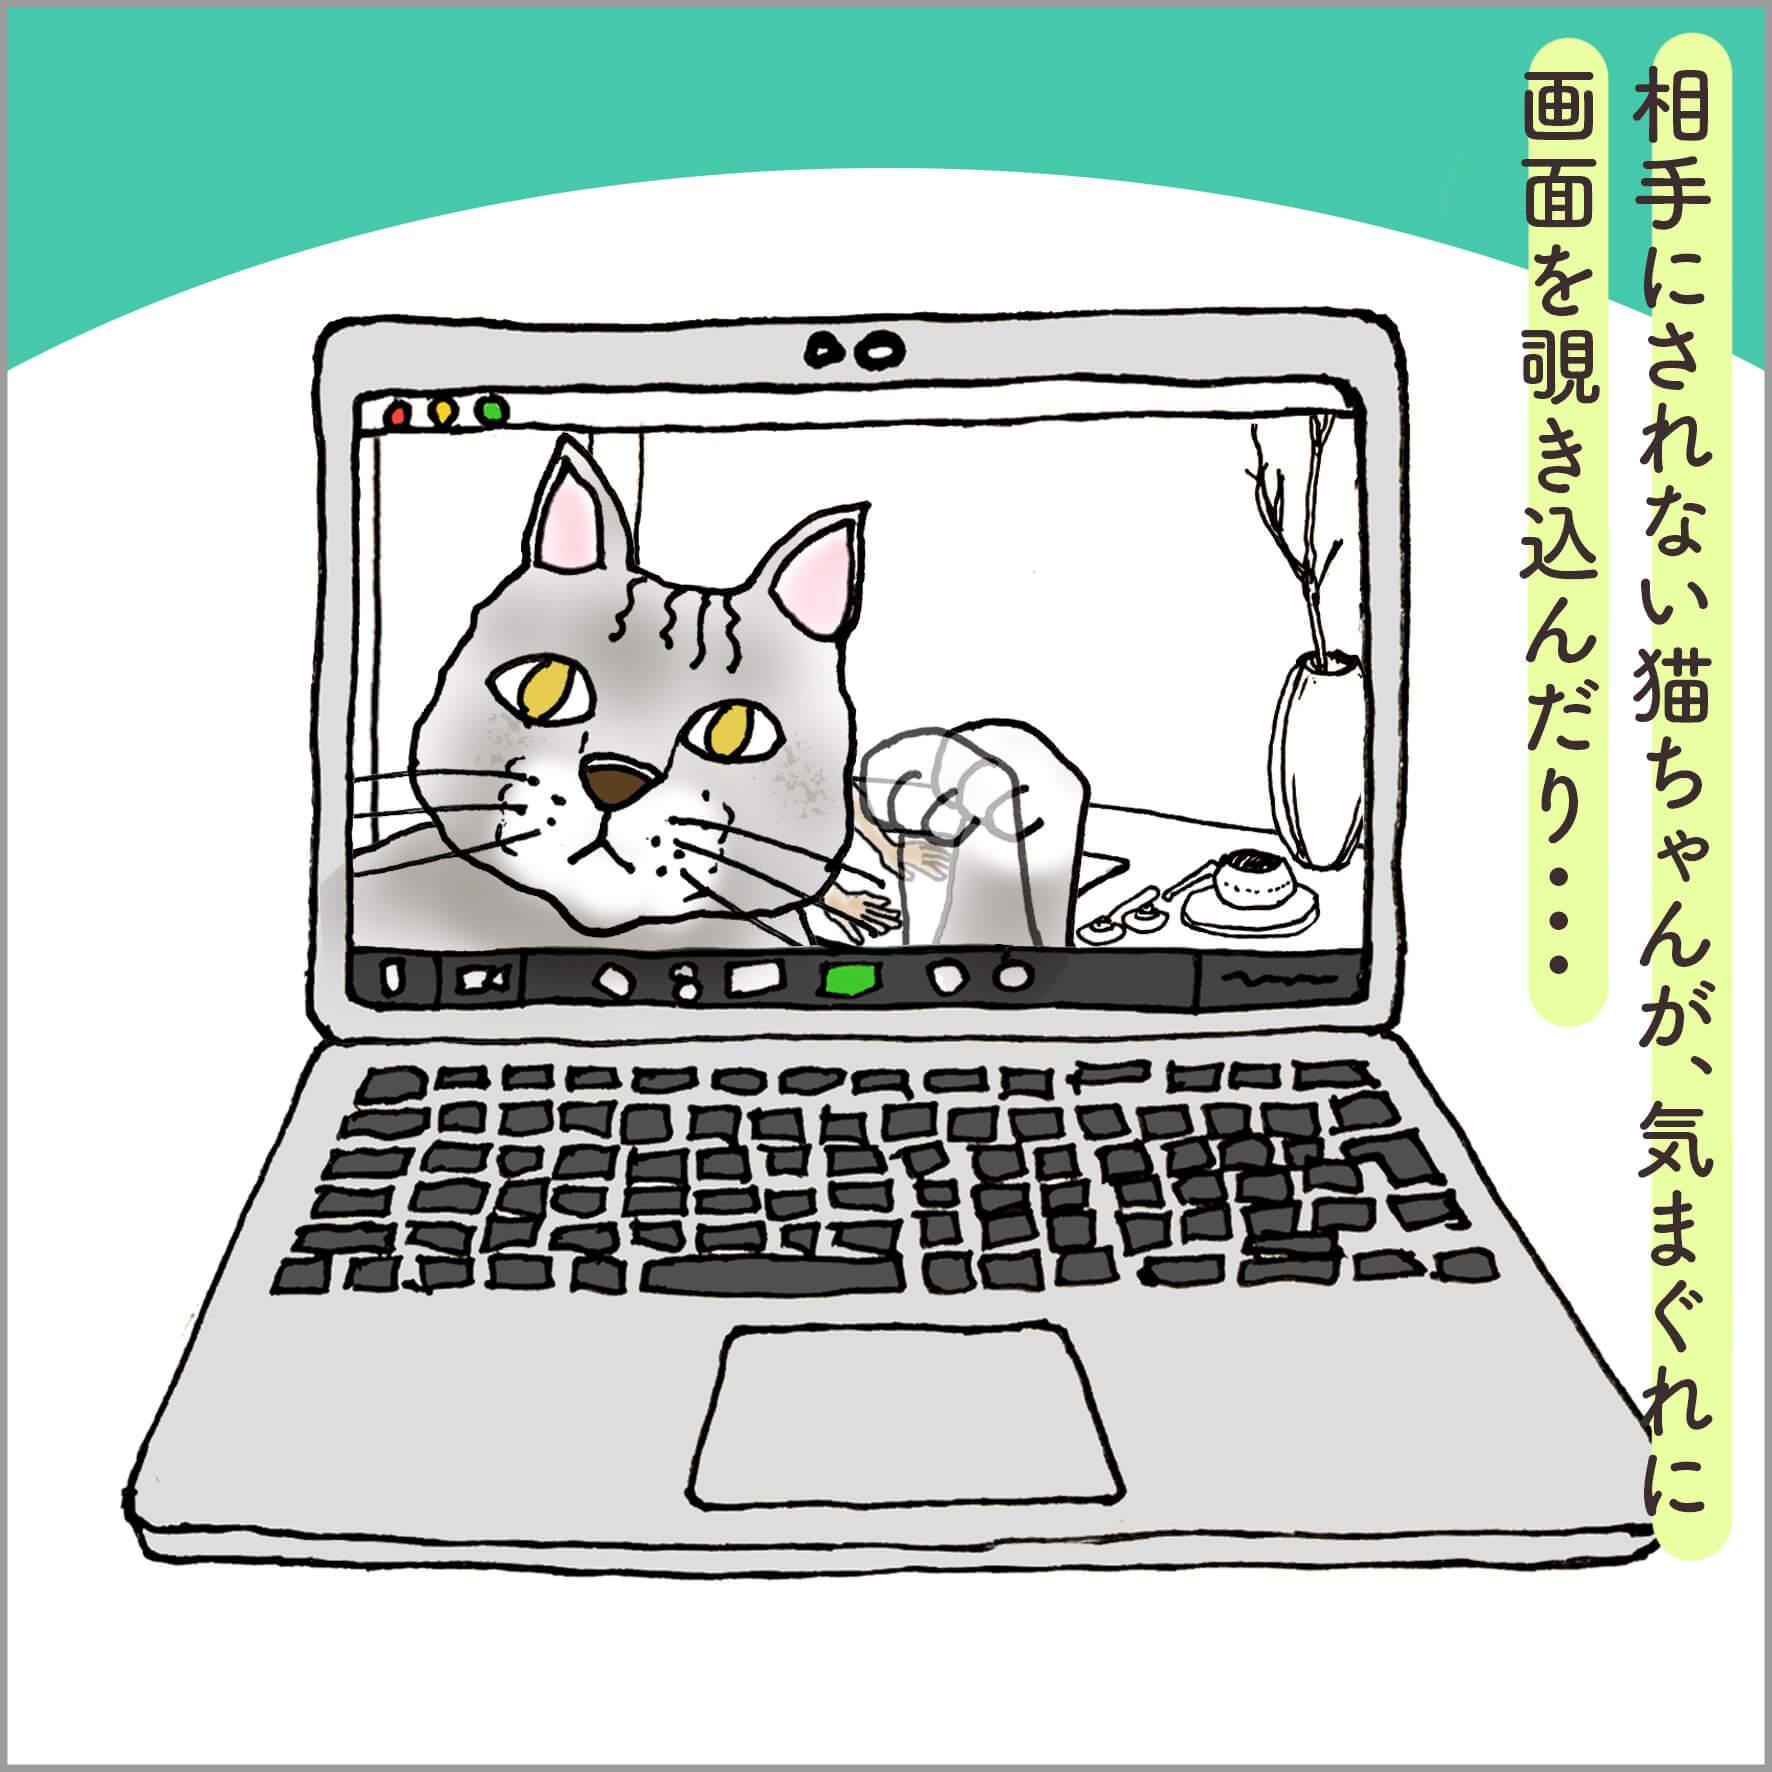 PCの画面に映る猫の大きな顔